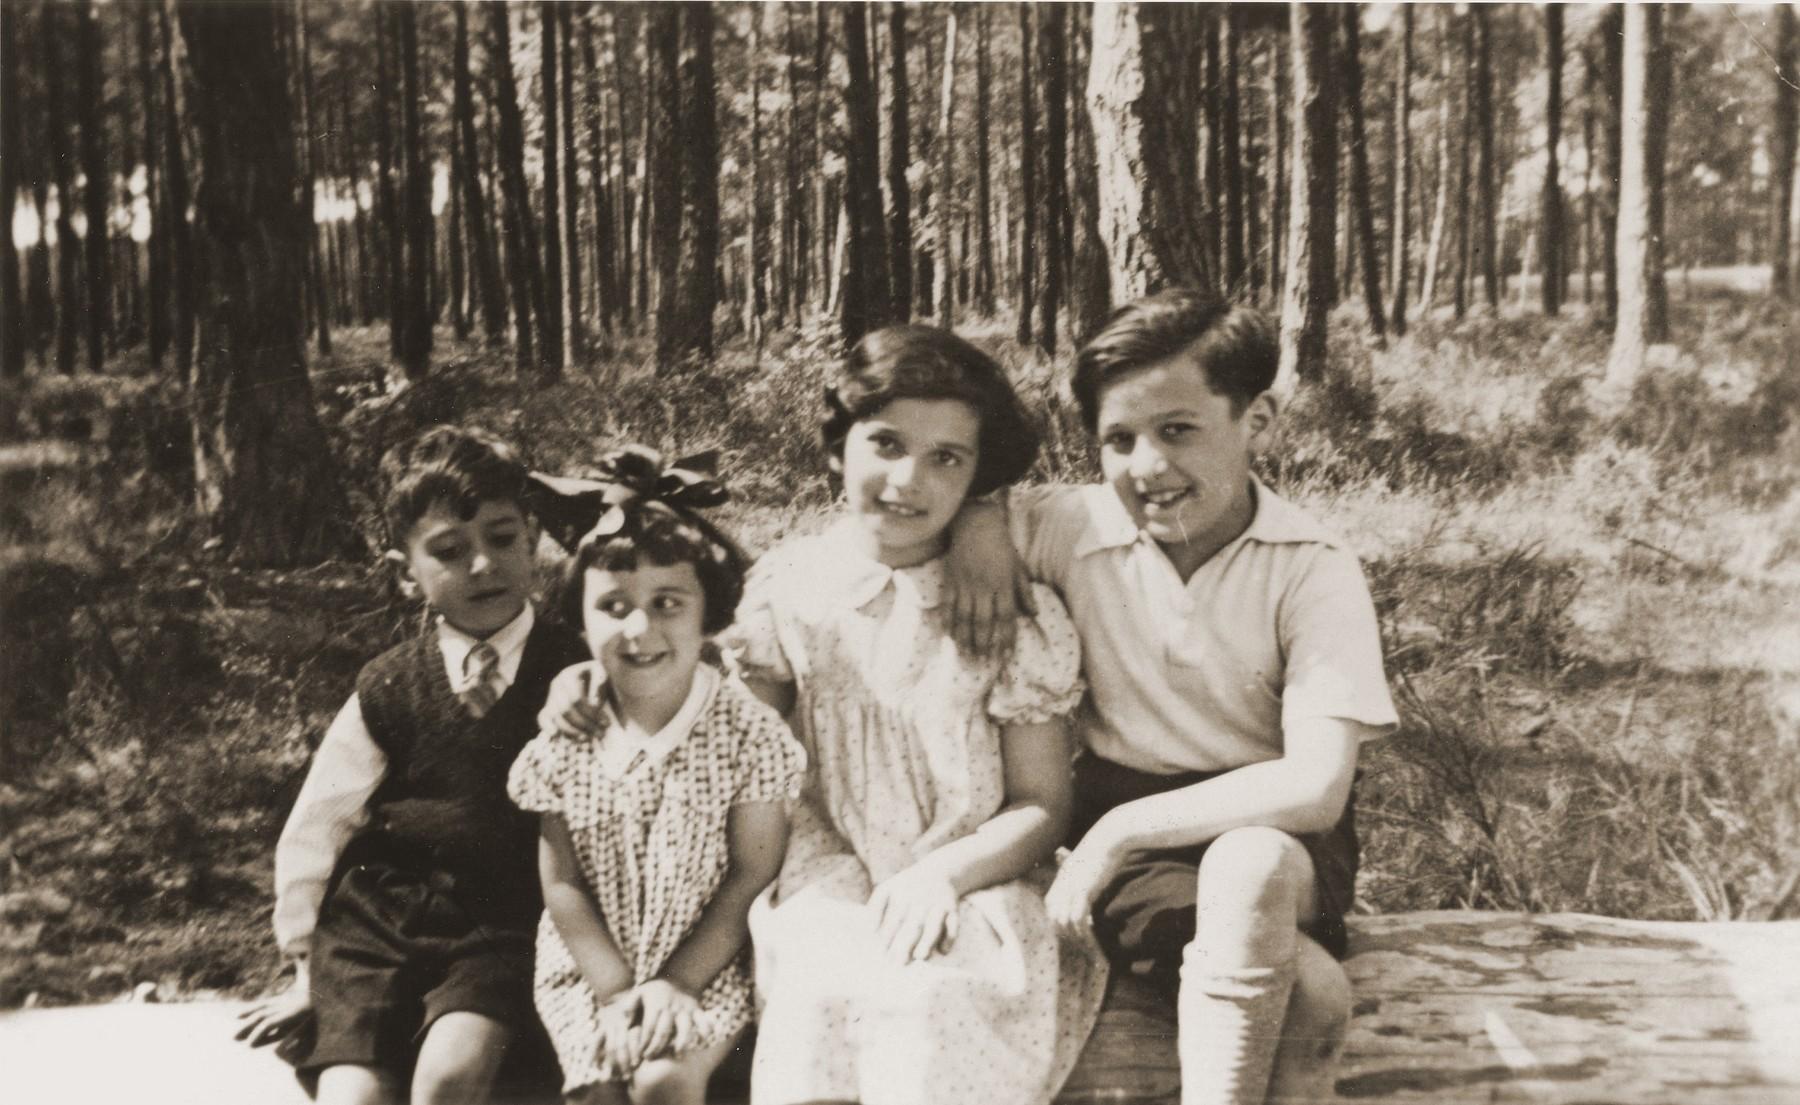 Joseph and Benita Schadur (left) with two older children in Grunewald.